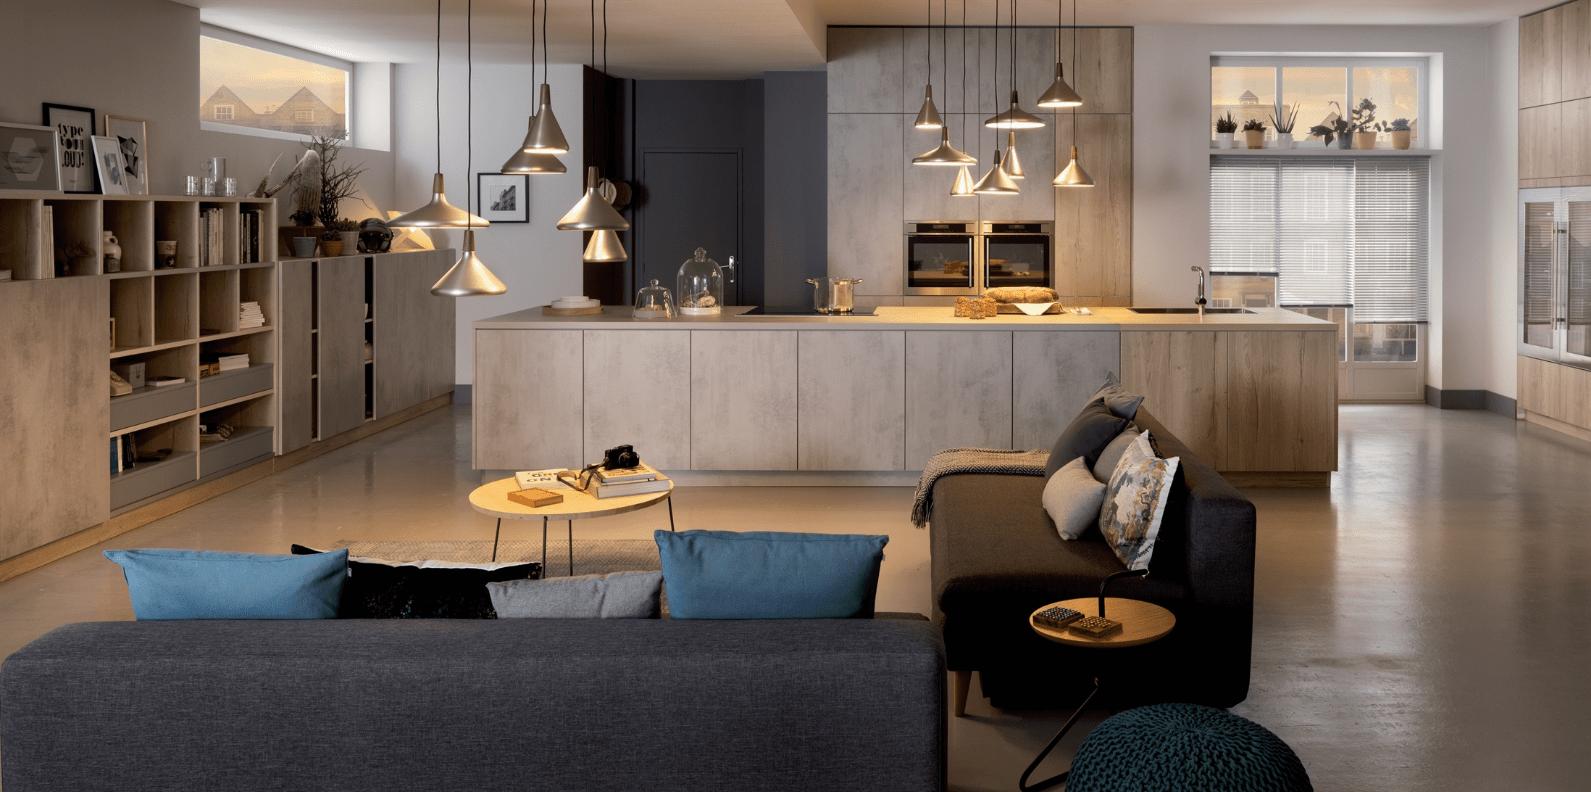 Kjokken Farger 2017   arrangement